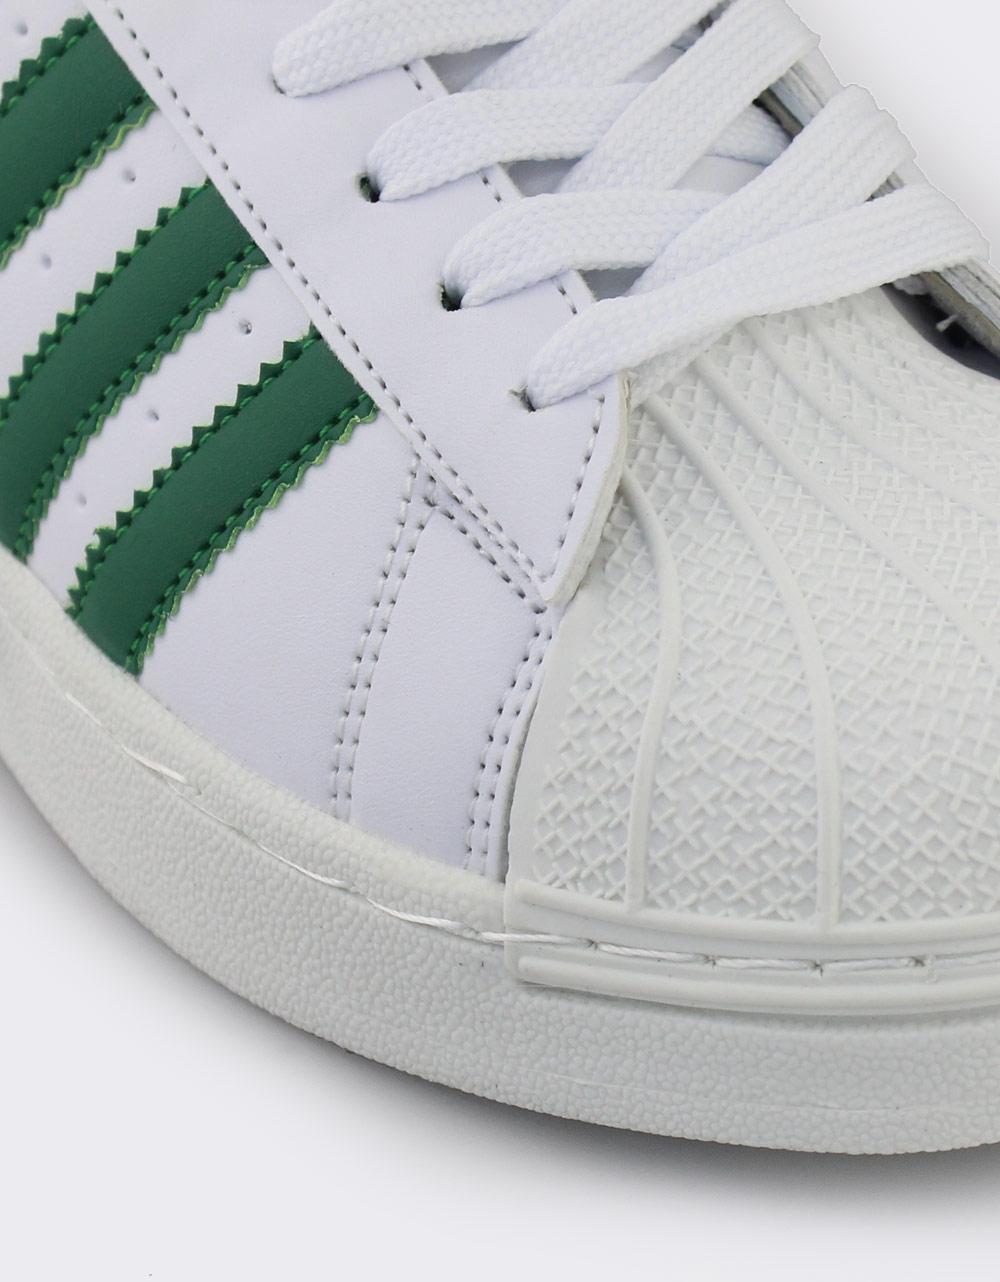 Εικόνα από Γυναικεία sneakers με ρίγες Λευκό/Πράσινο